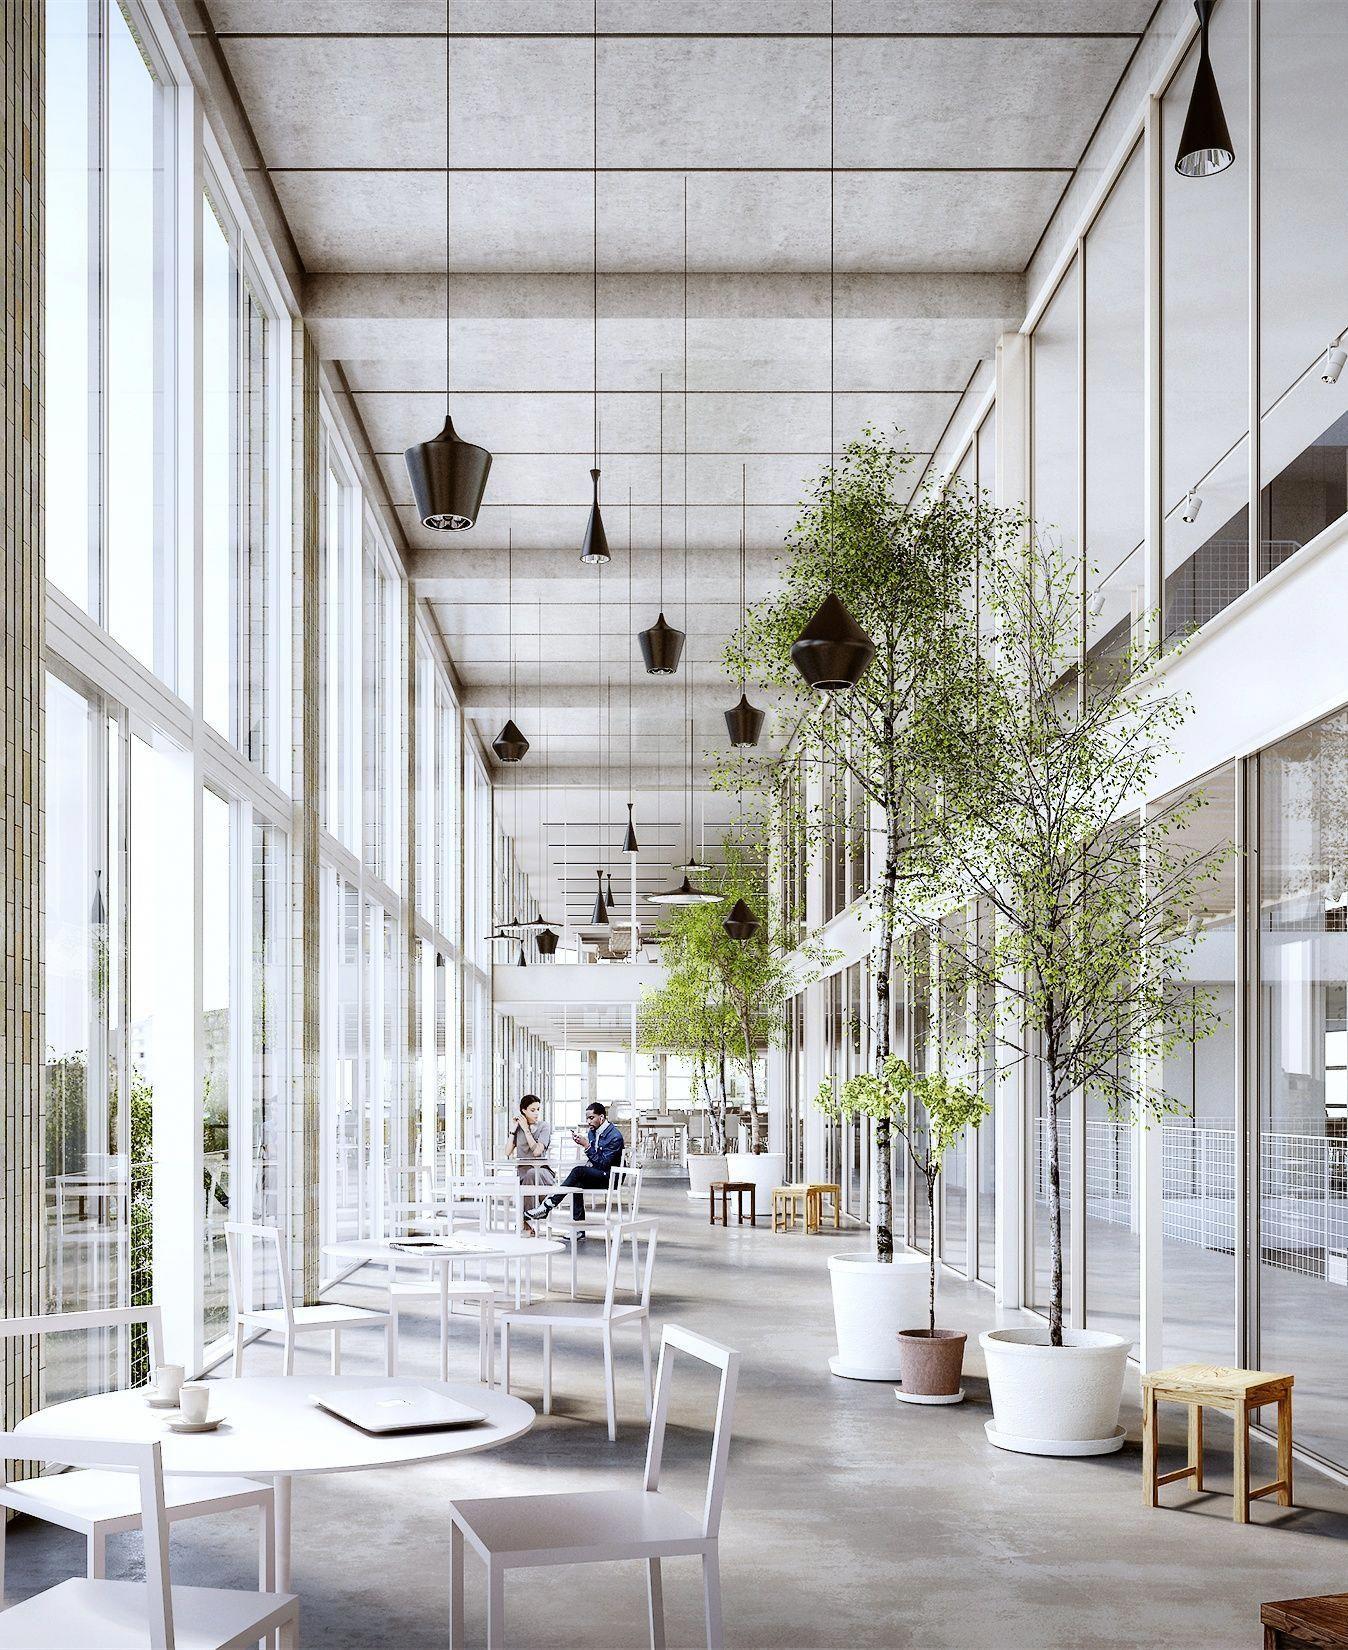 Best Interior Design Schools Interiordesignersnearme Isinteriordesigningagoodcareer Interior Design School Studios Architecture Interior Rendering